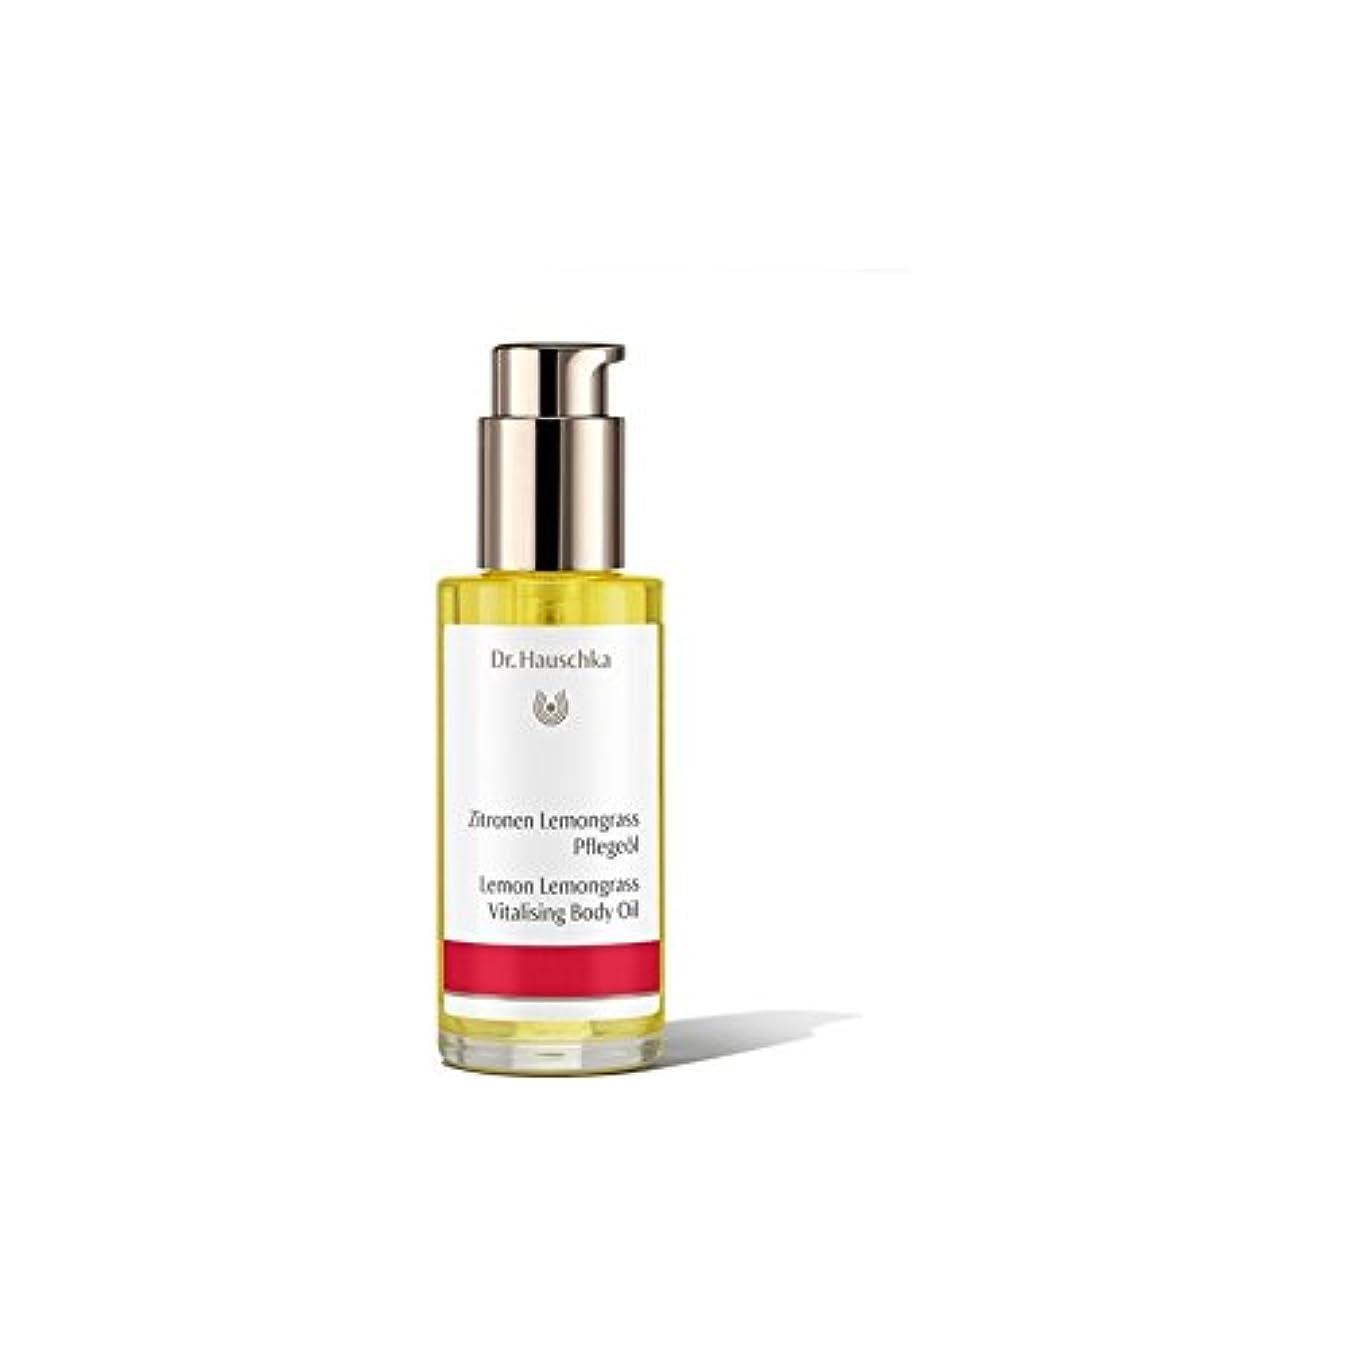 予防接種書士チャームDr. Hauschka Lemon Lemongrass Vitalising Body Oil (75ml) (Pack of 6) - ハウシュカレモンレモングラスボディオイル(75ミリリットル) x6 [並行輸入品]